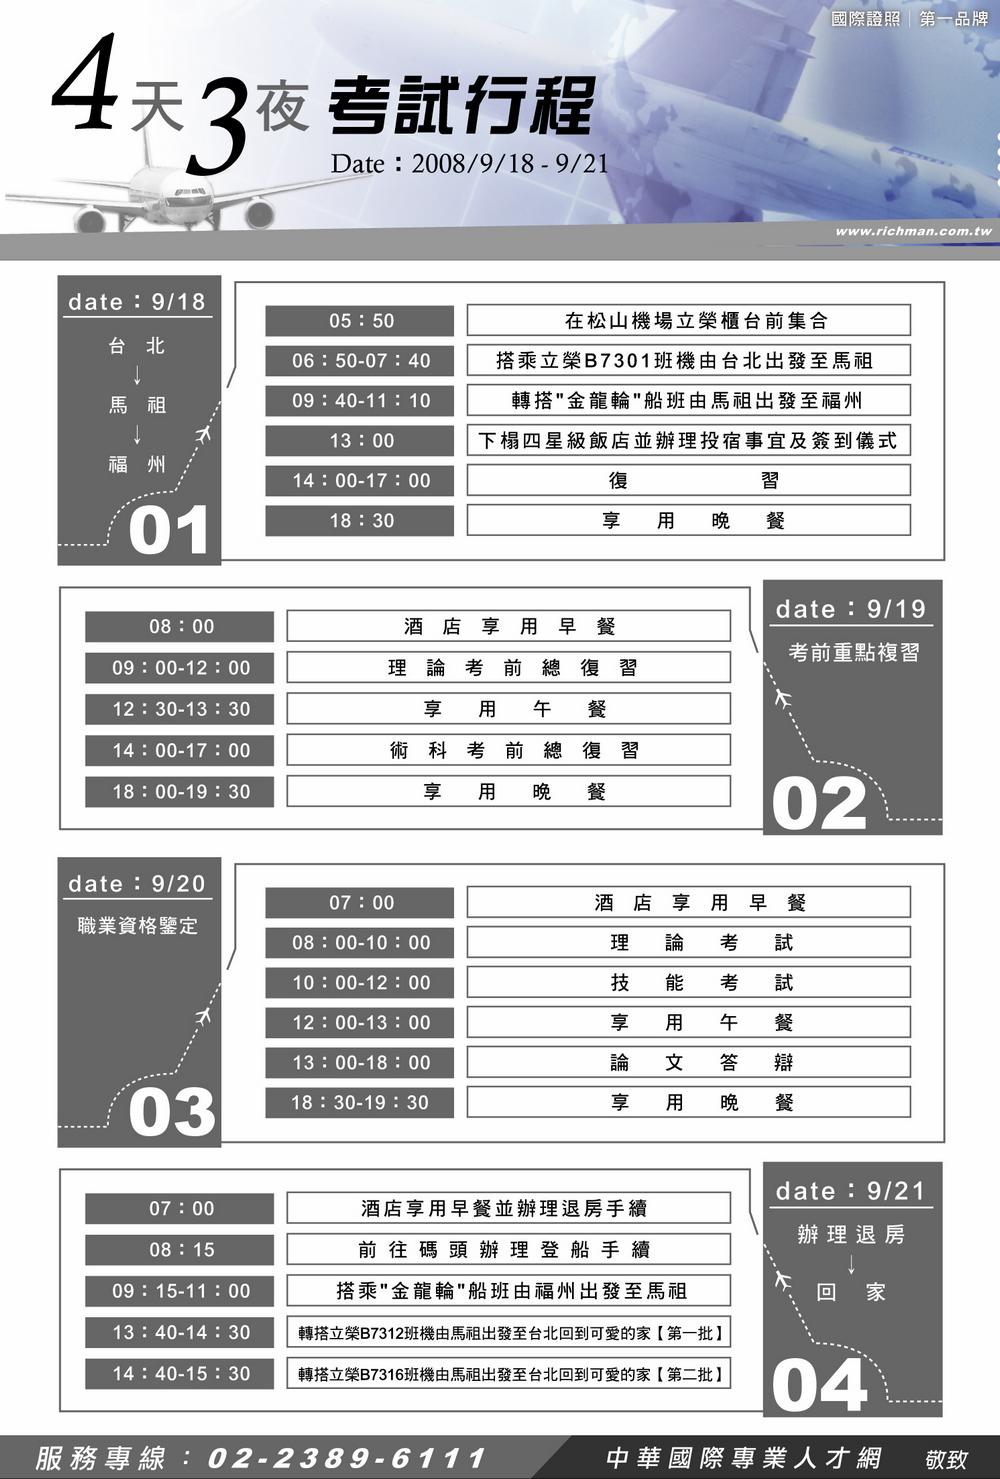 中國大陸國際證照考試